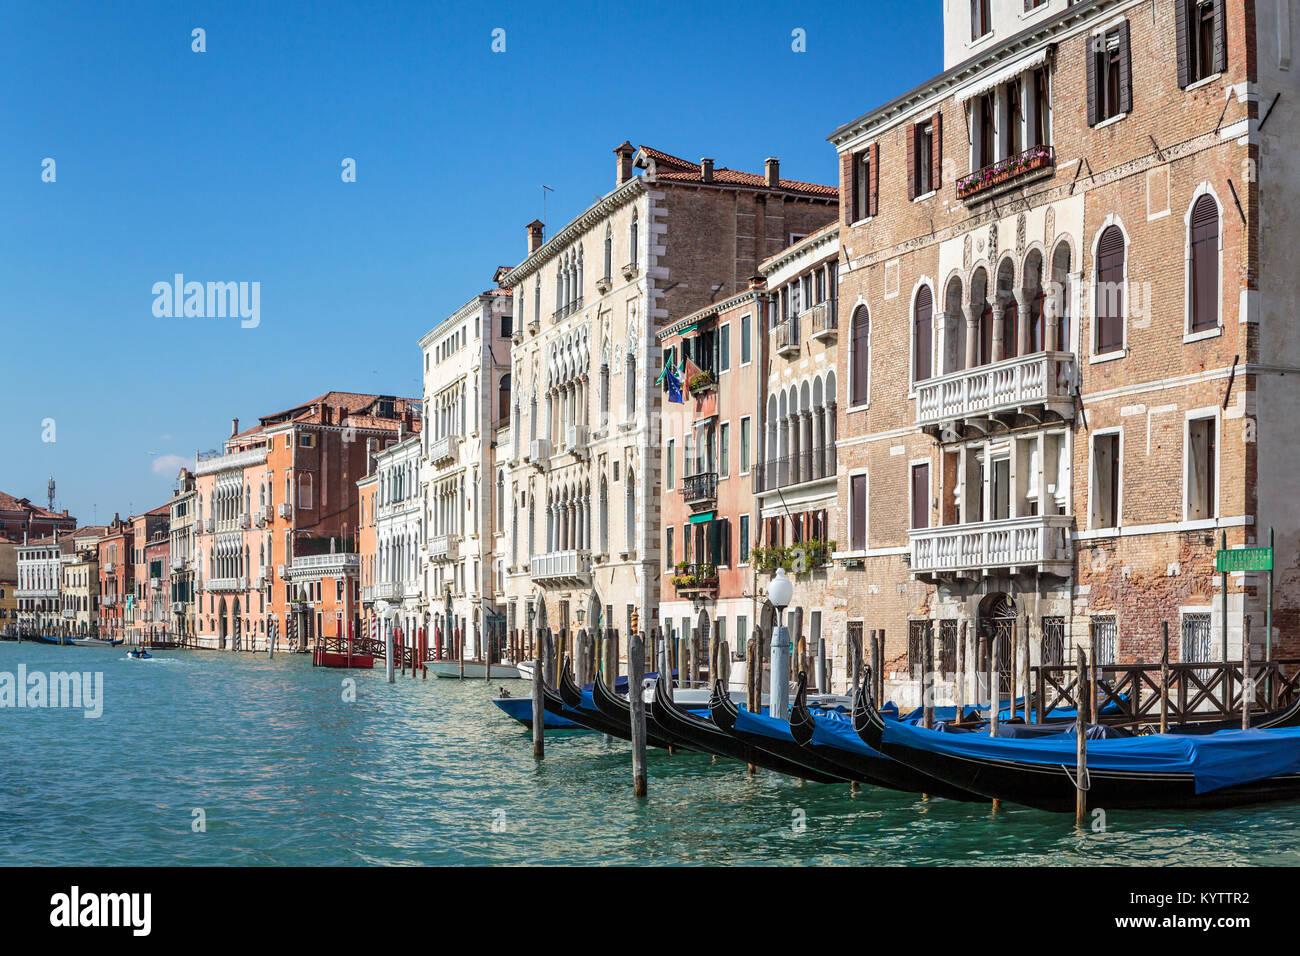 Los edificios y los barcos a lo largo del Grand Canal en el Veneto, Venecia, Italia, Europa Imagen De Stock